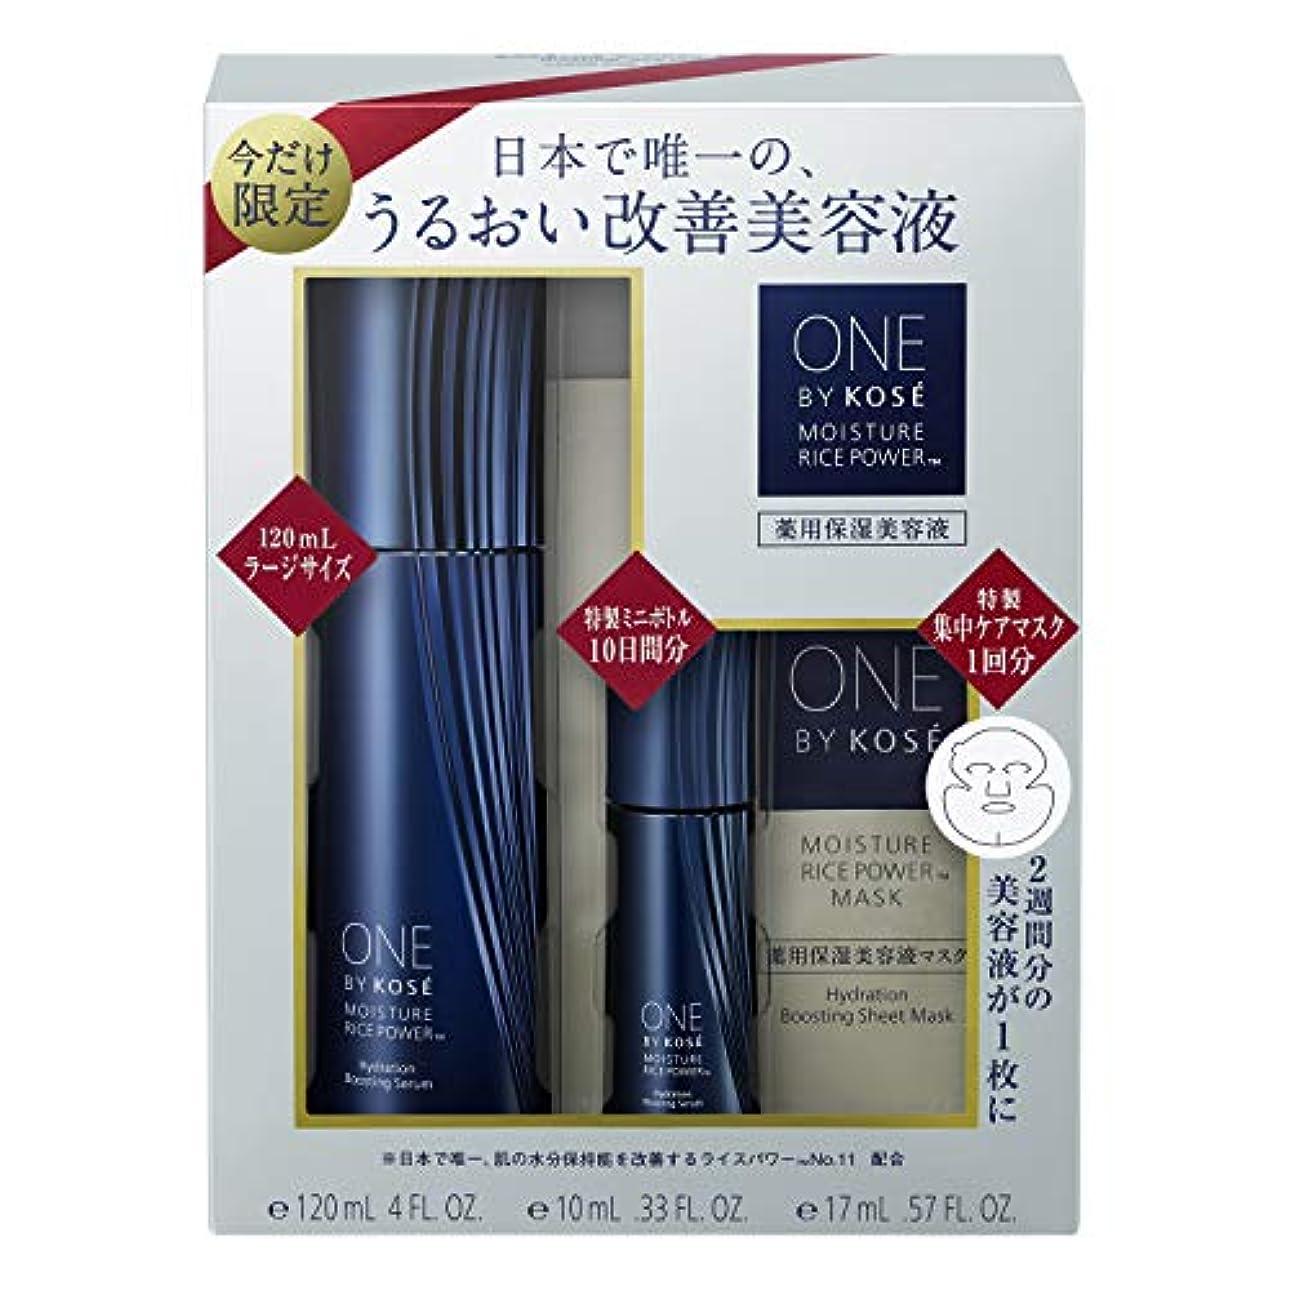 現実にはダイヤル思いつくONE BY KOSE 薬用保湿美容液 ラージサイズ 限定キット